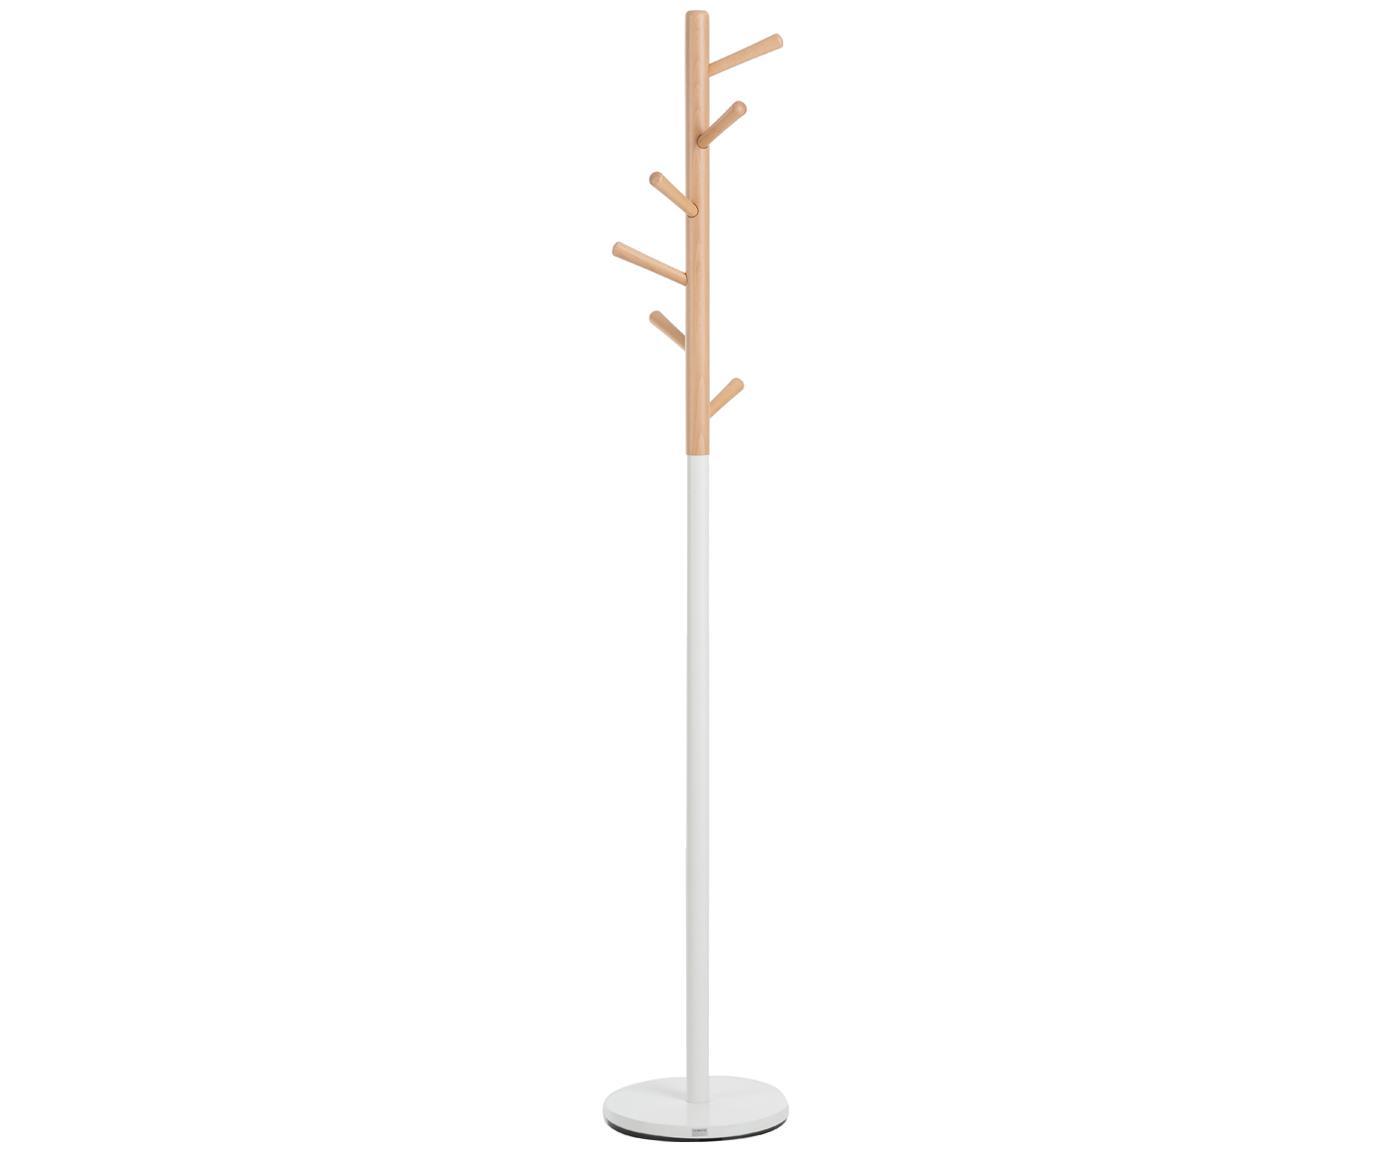 Kapstok Kent, Voet: gepoedercoat staal, Wit, beukenhoutkleurig, Ø 32 x H 182 cm